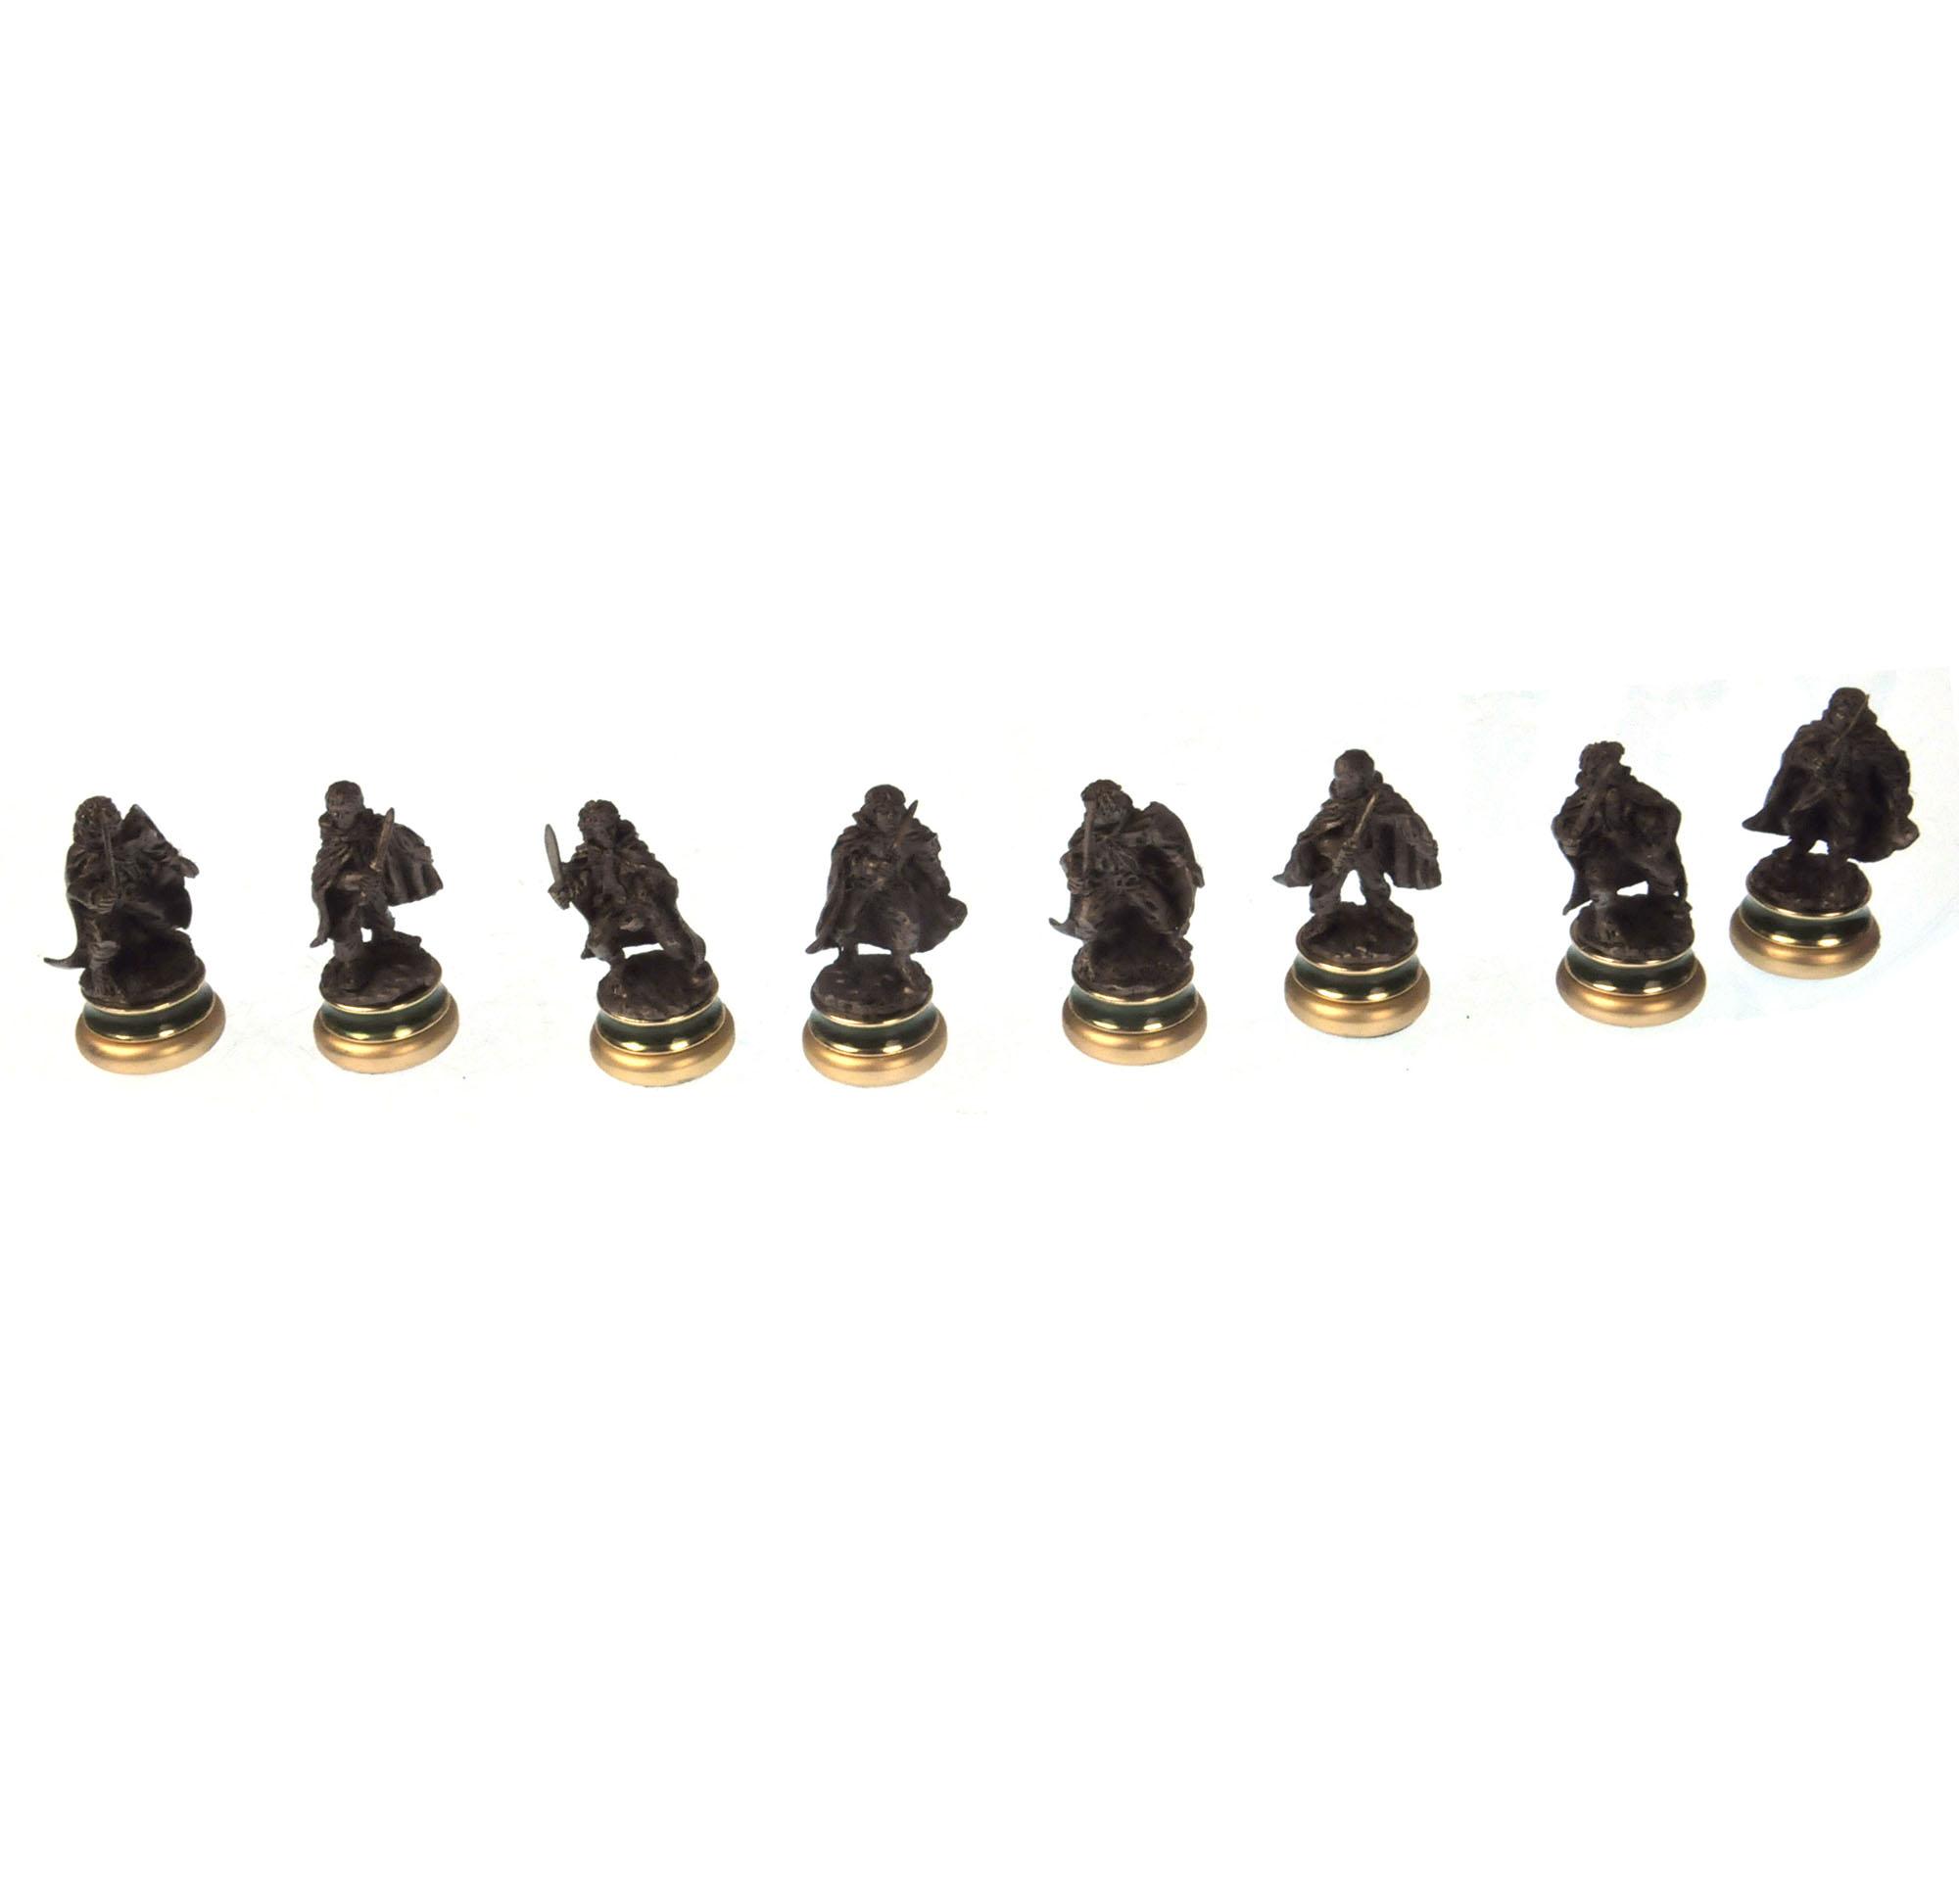 Signore degli anelli ing set di scacchi due piani for Invertire piani di una casa di una storia e mezzo